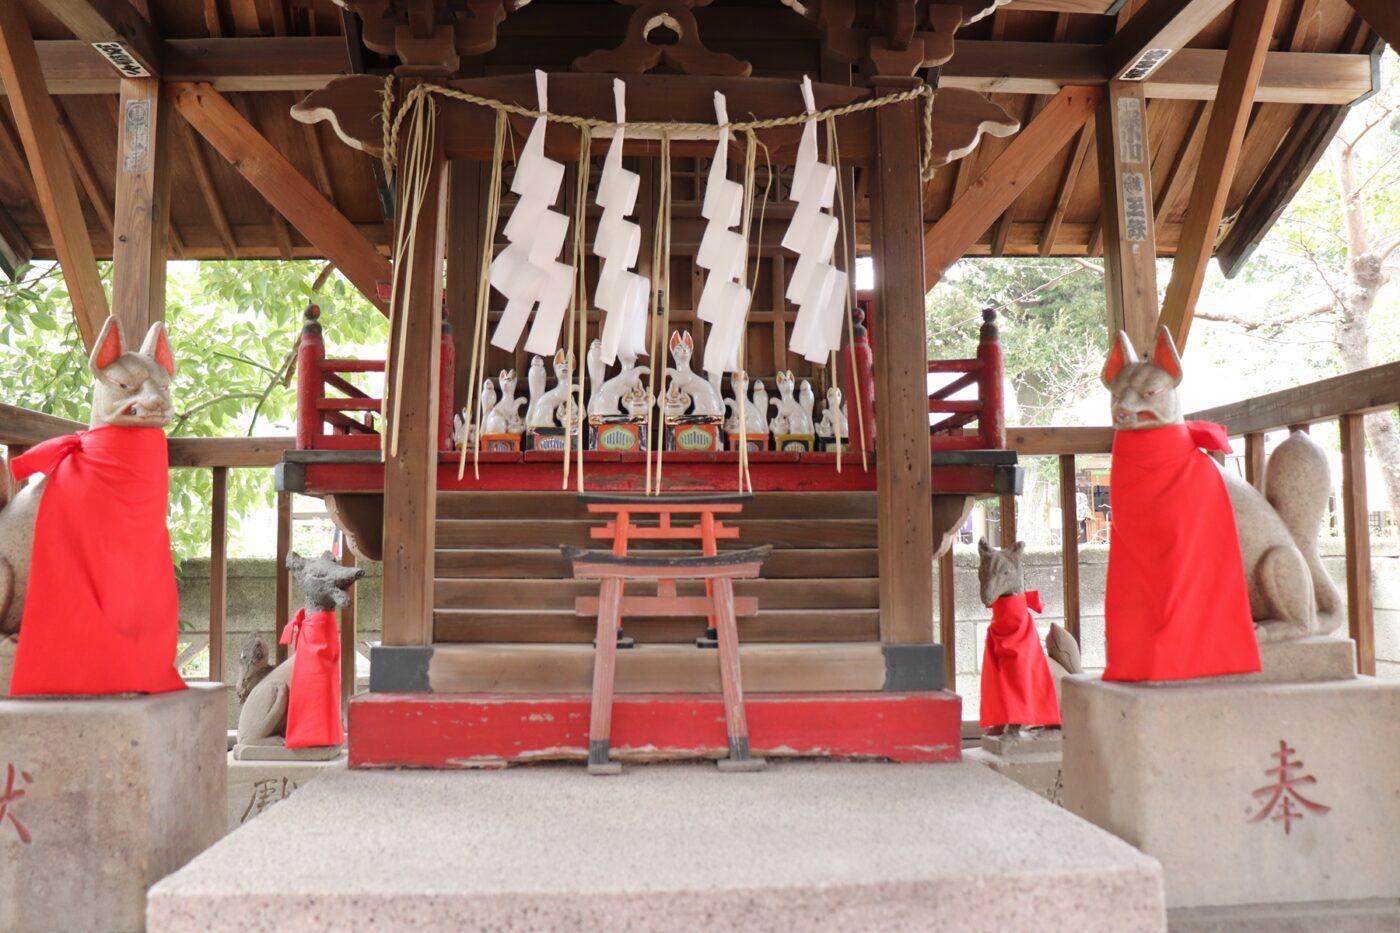 蛇窪神社(上神明天祖神社)の写真